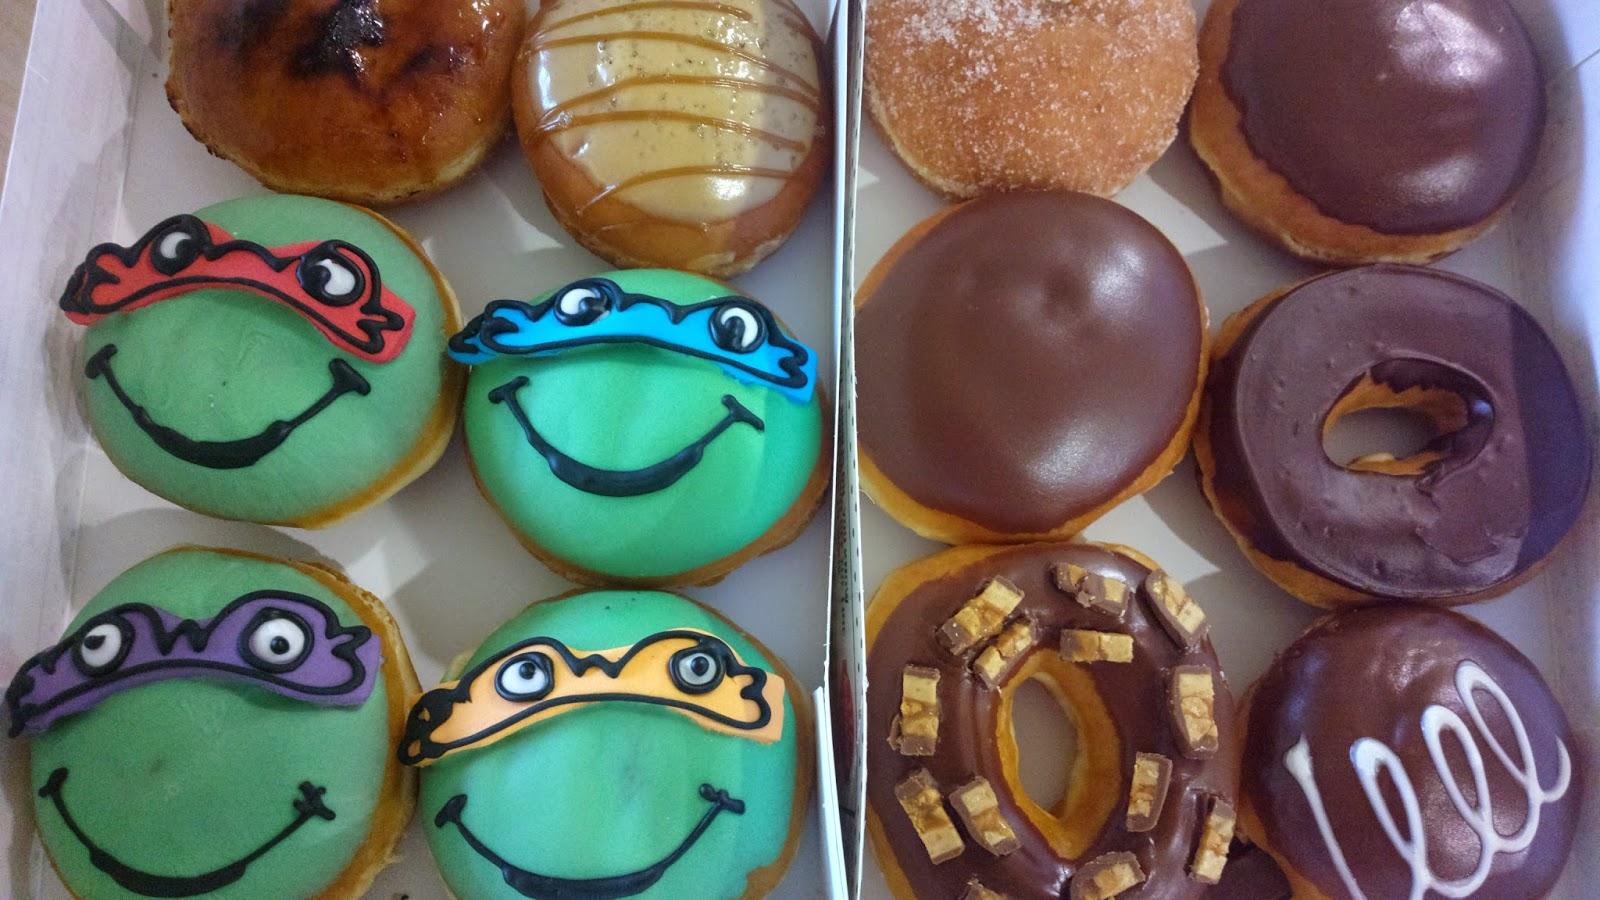 Krispy Kreme Donuts